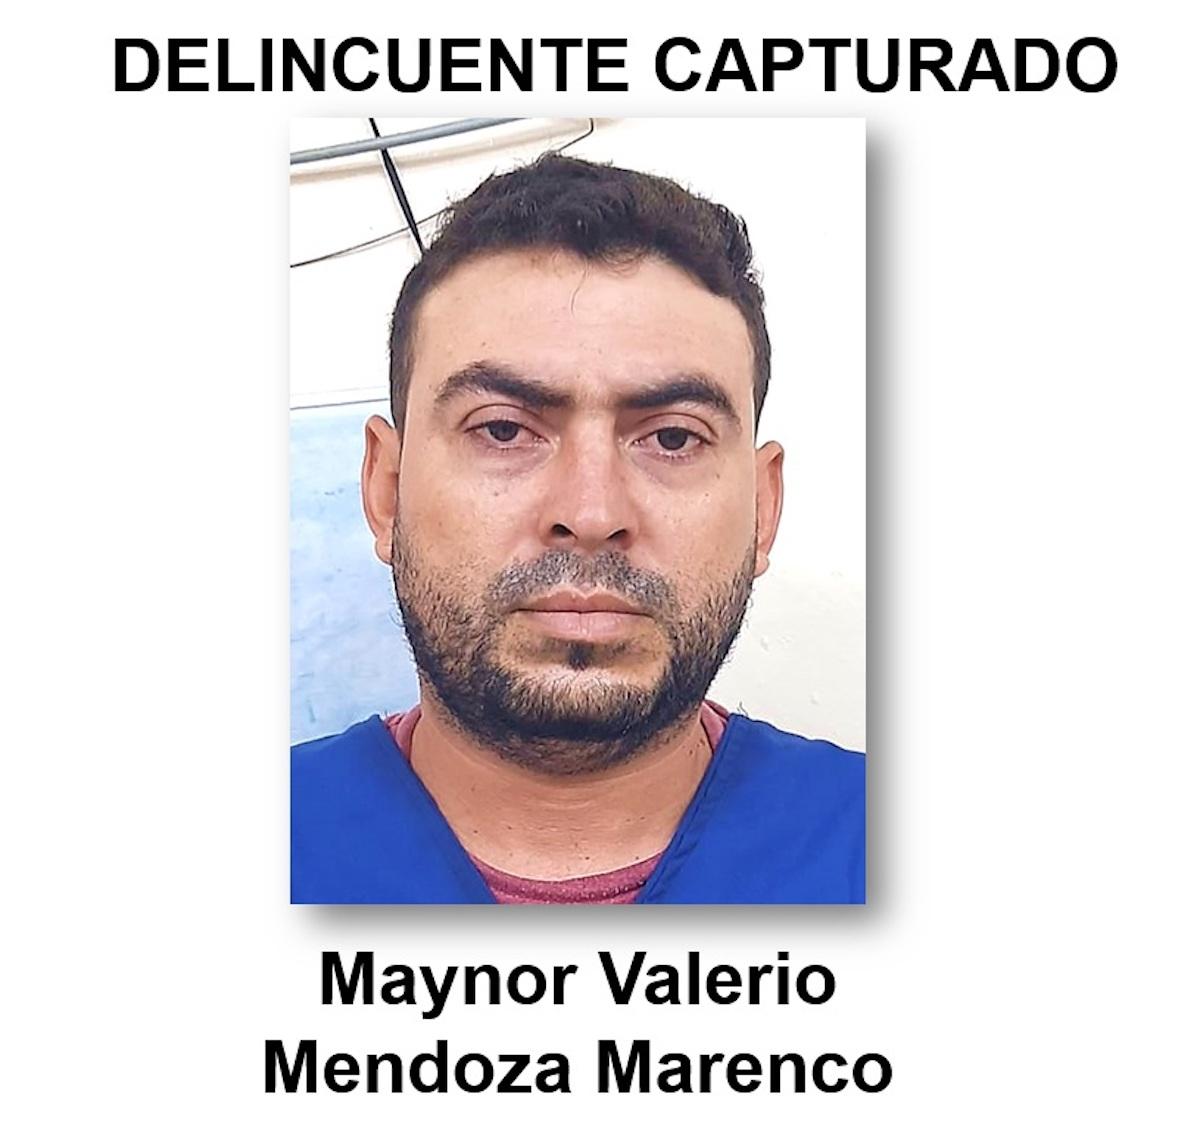 Maynor Valerio Mendoza Marenco